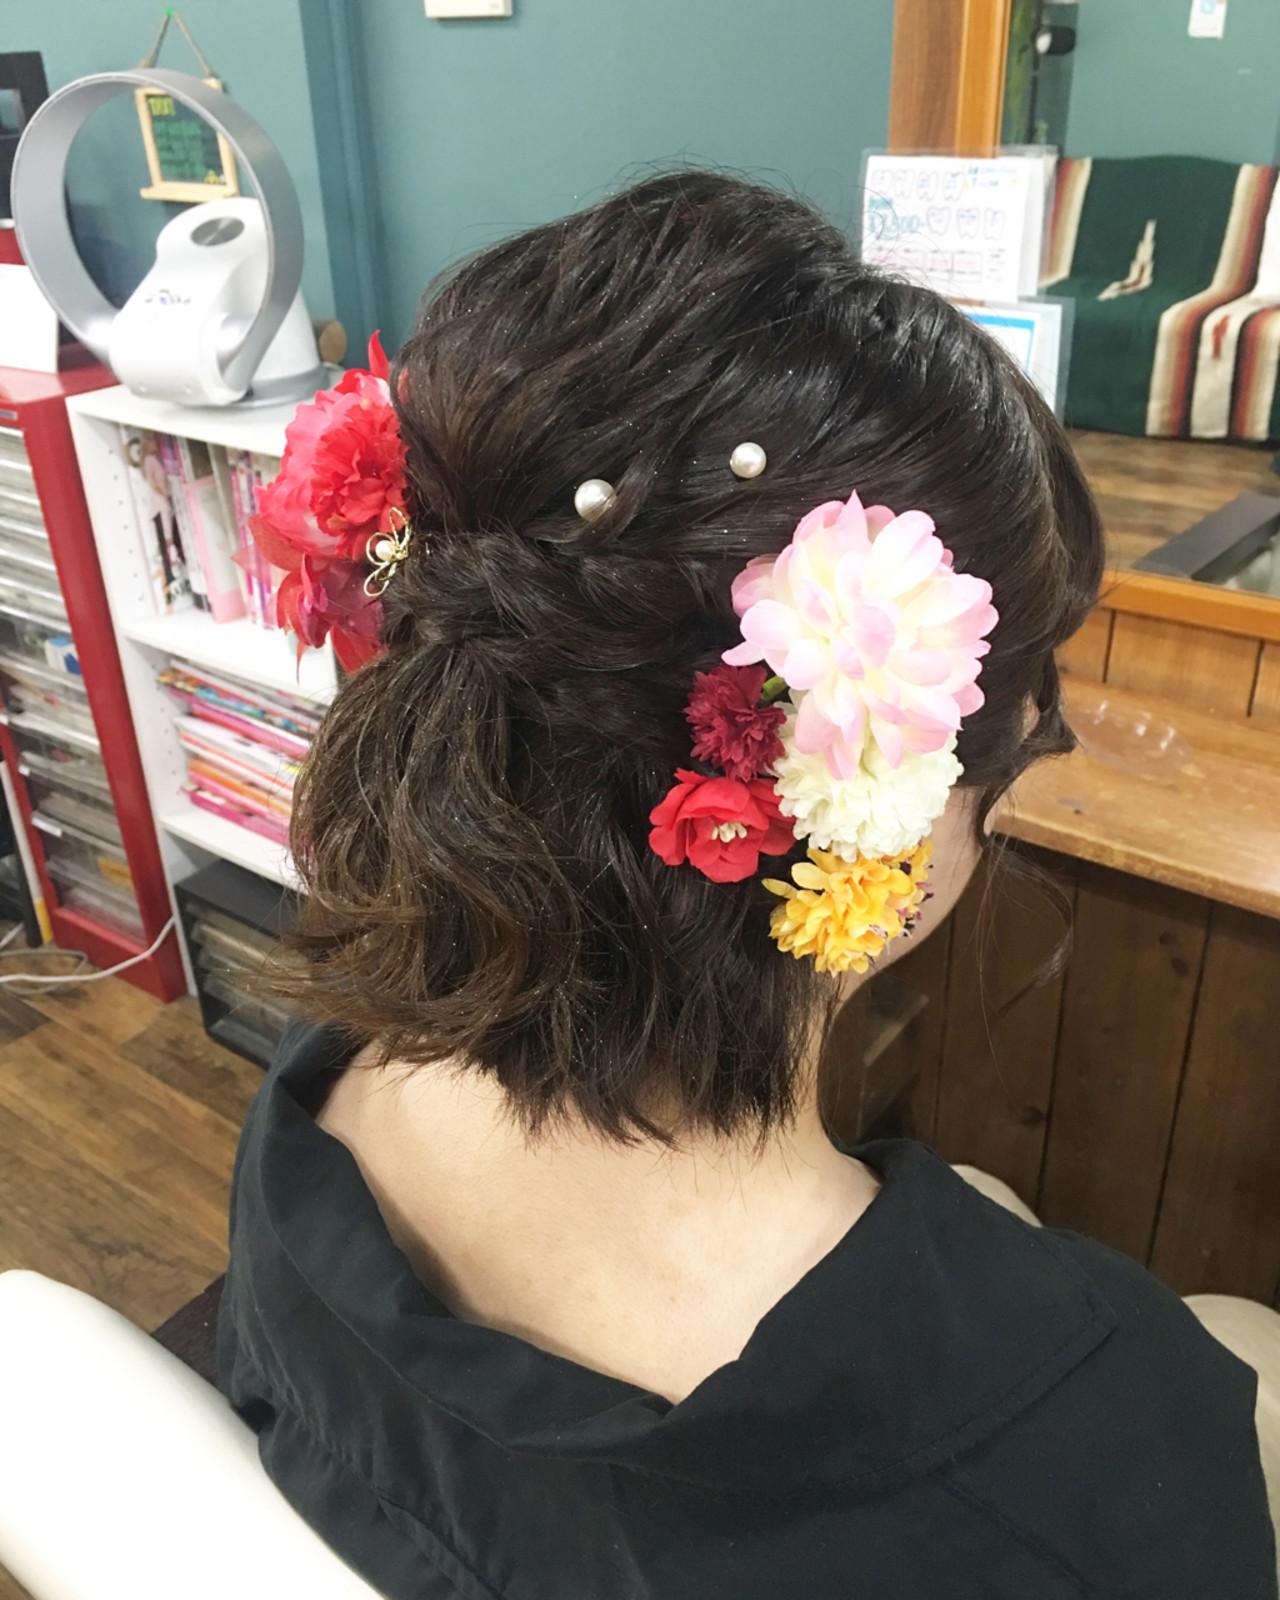 デート フェミニン ゆるふわ 成人式 ヘアスタイルや髪型の写真・画像 | さとみ / e'clat